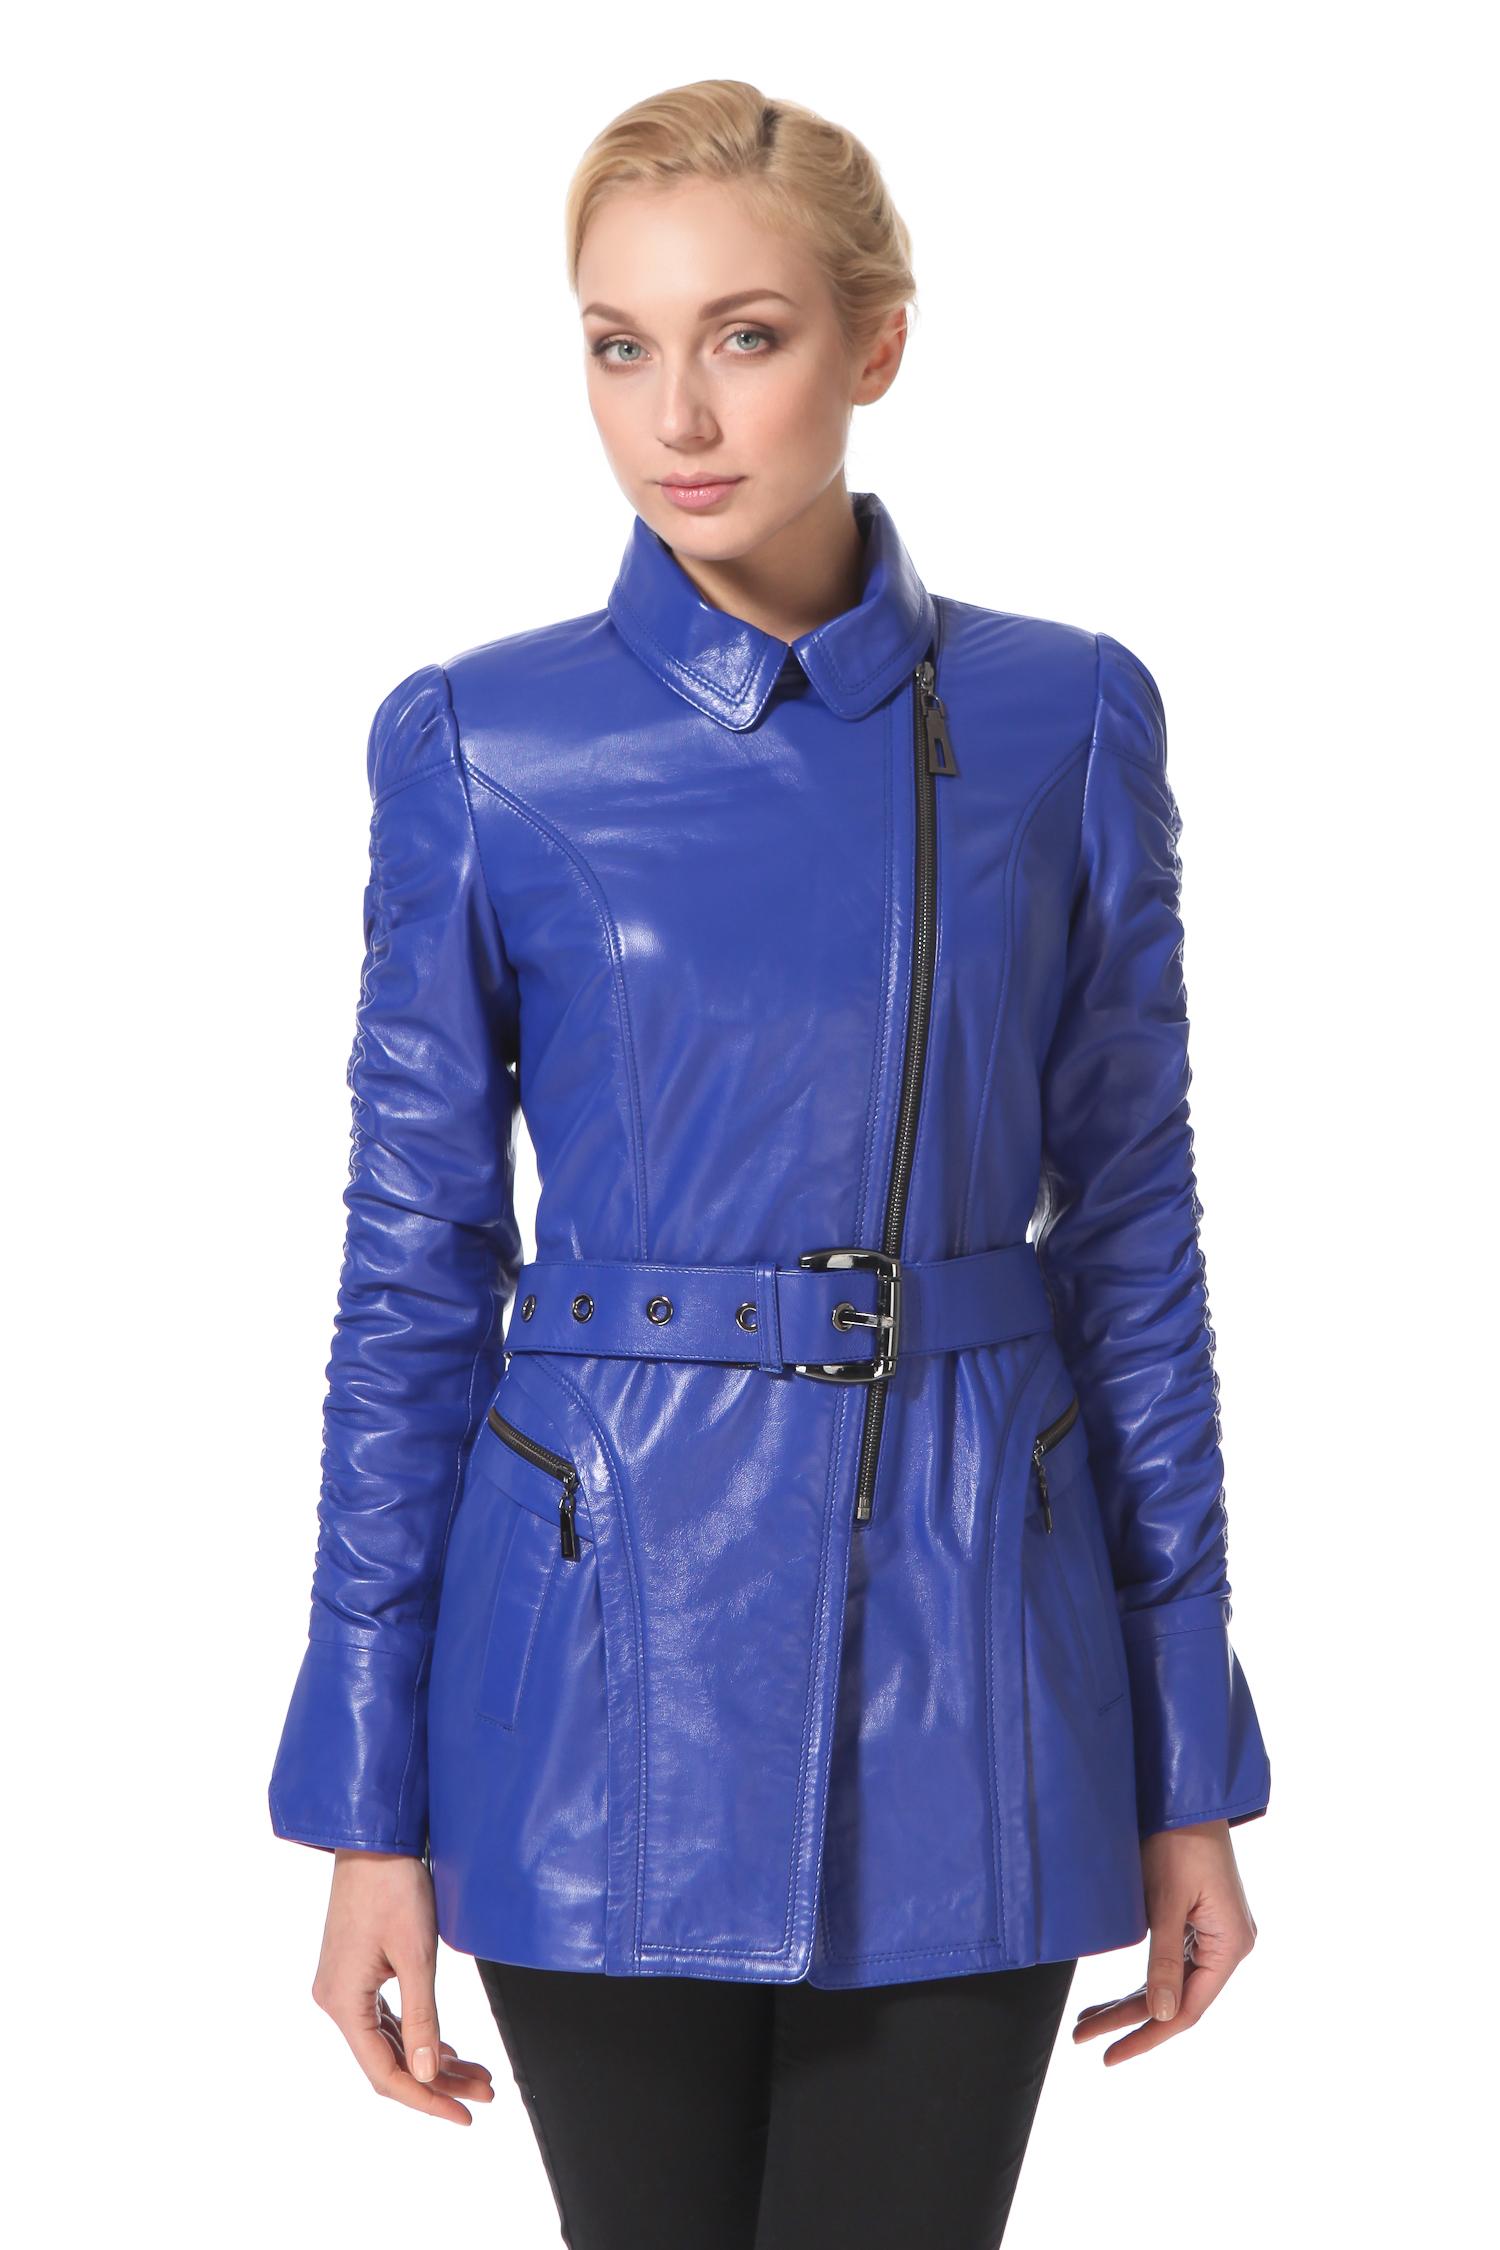 Женская кожаная куртка из натуральной кожи с воротником, без отделки<br><br>Воротник: Английский<br>Длина см: 80<br>Материал: Натуральная кожа<br>Цвет: Синий<br>Пол: Женский